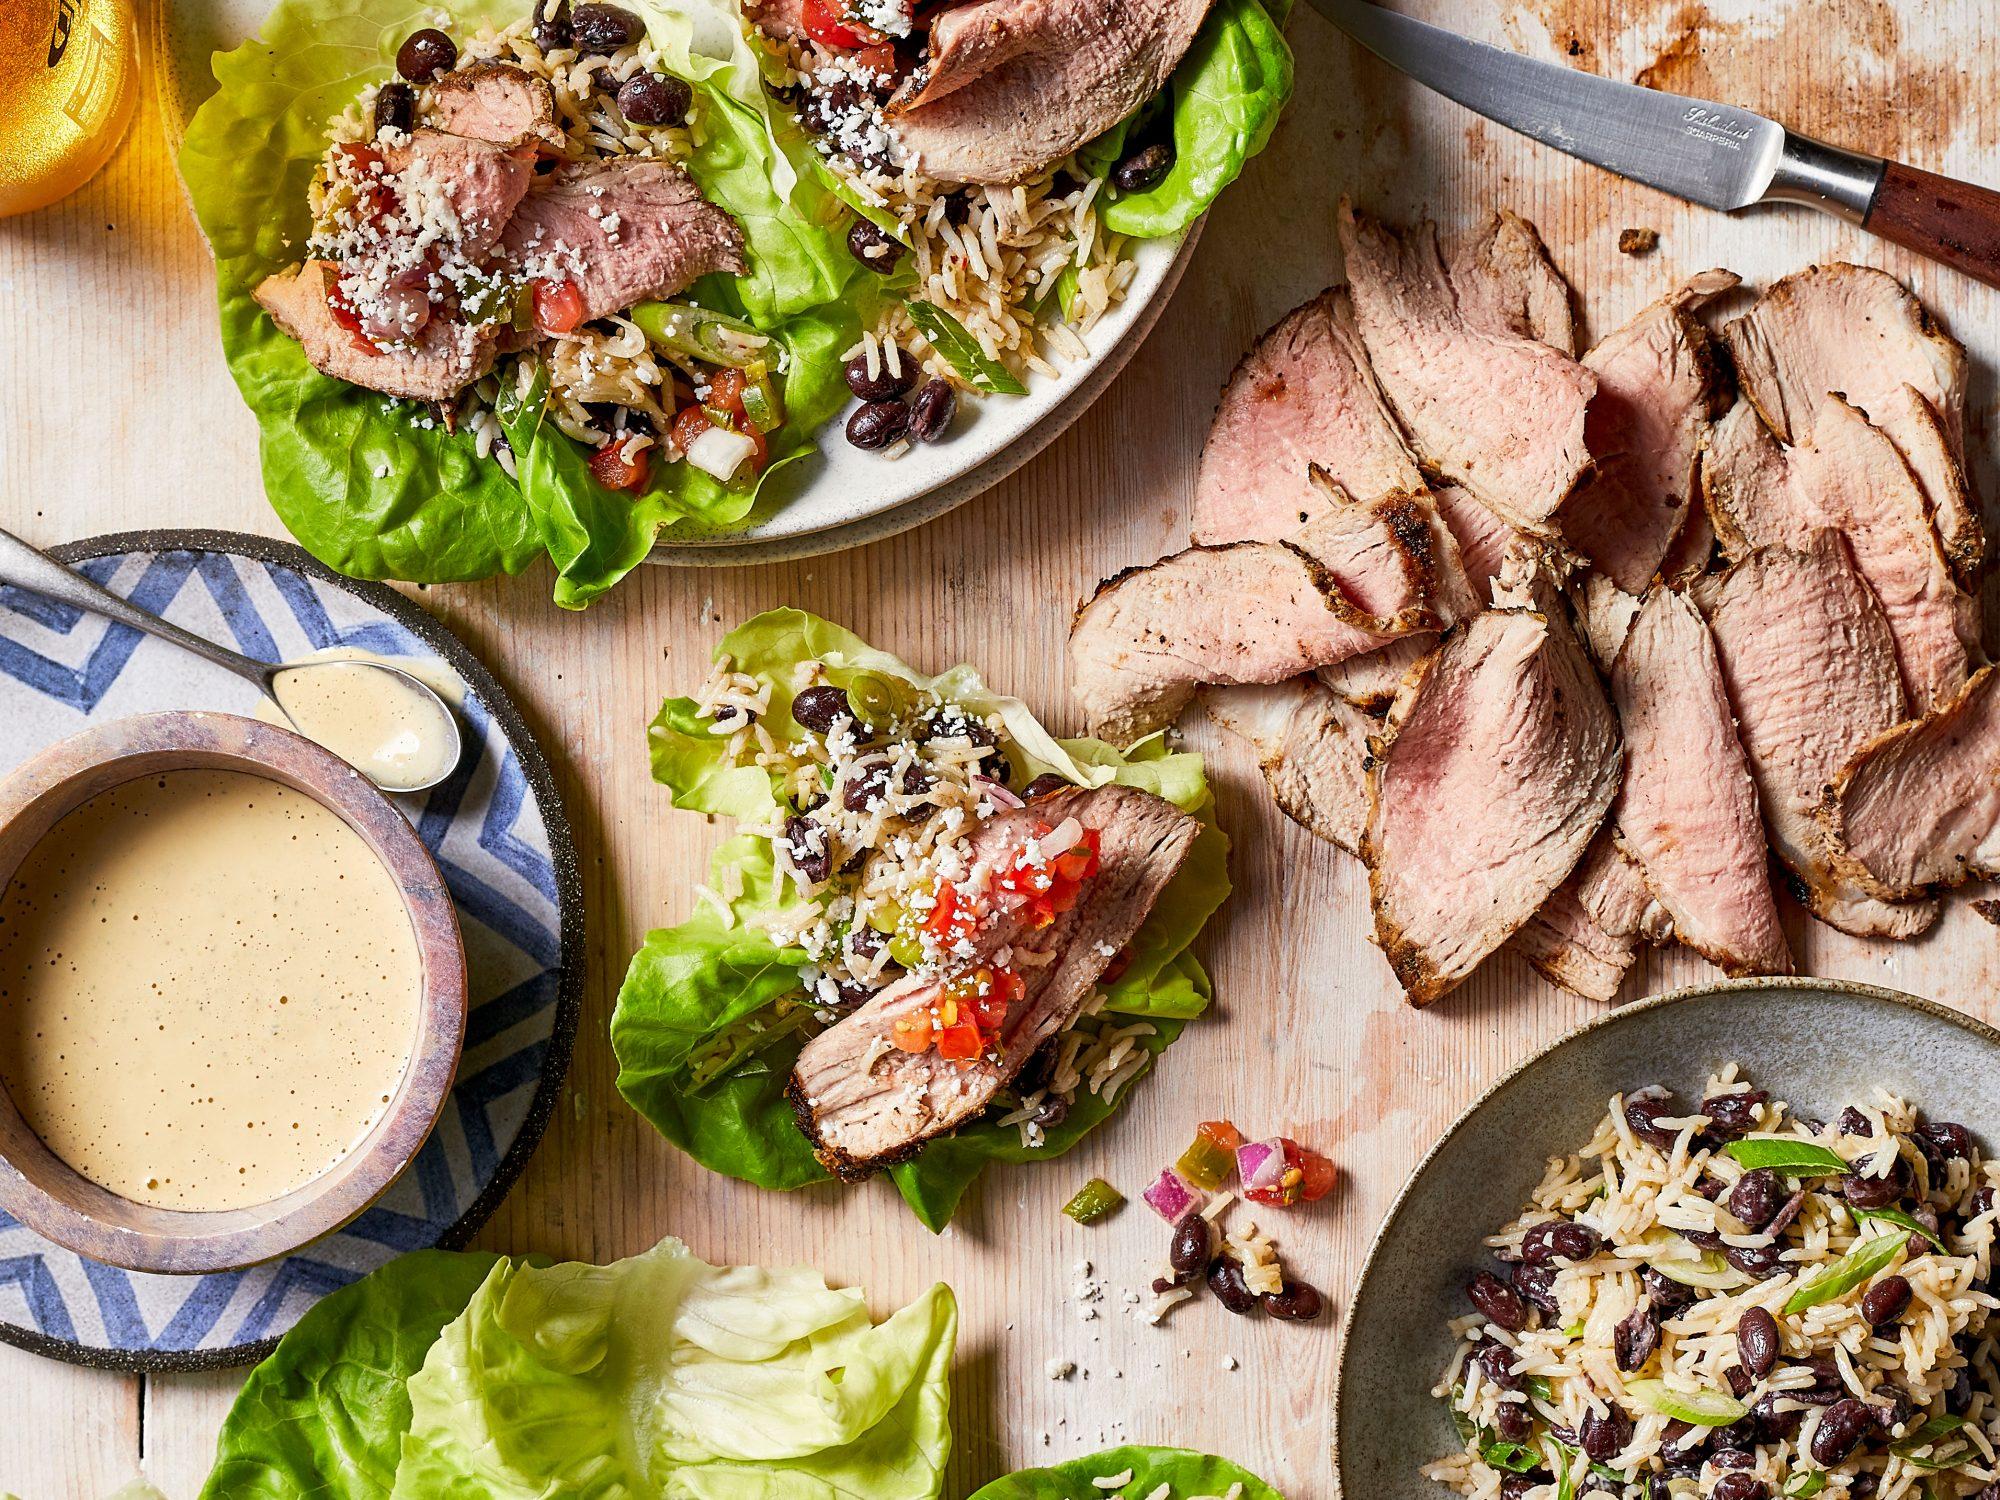 Southwestern Pork Lettuce Wraps